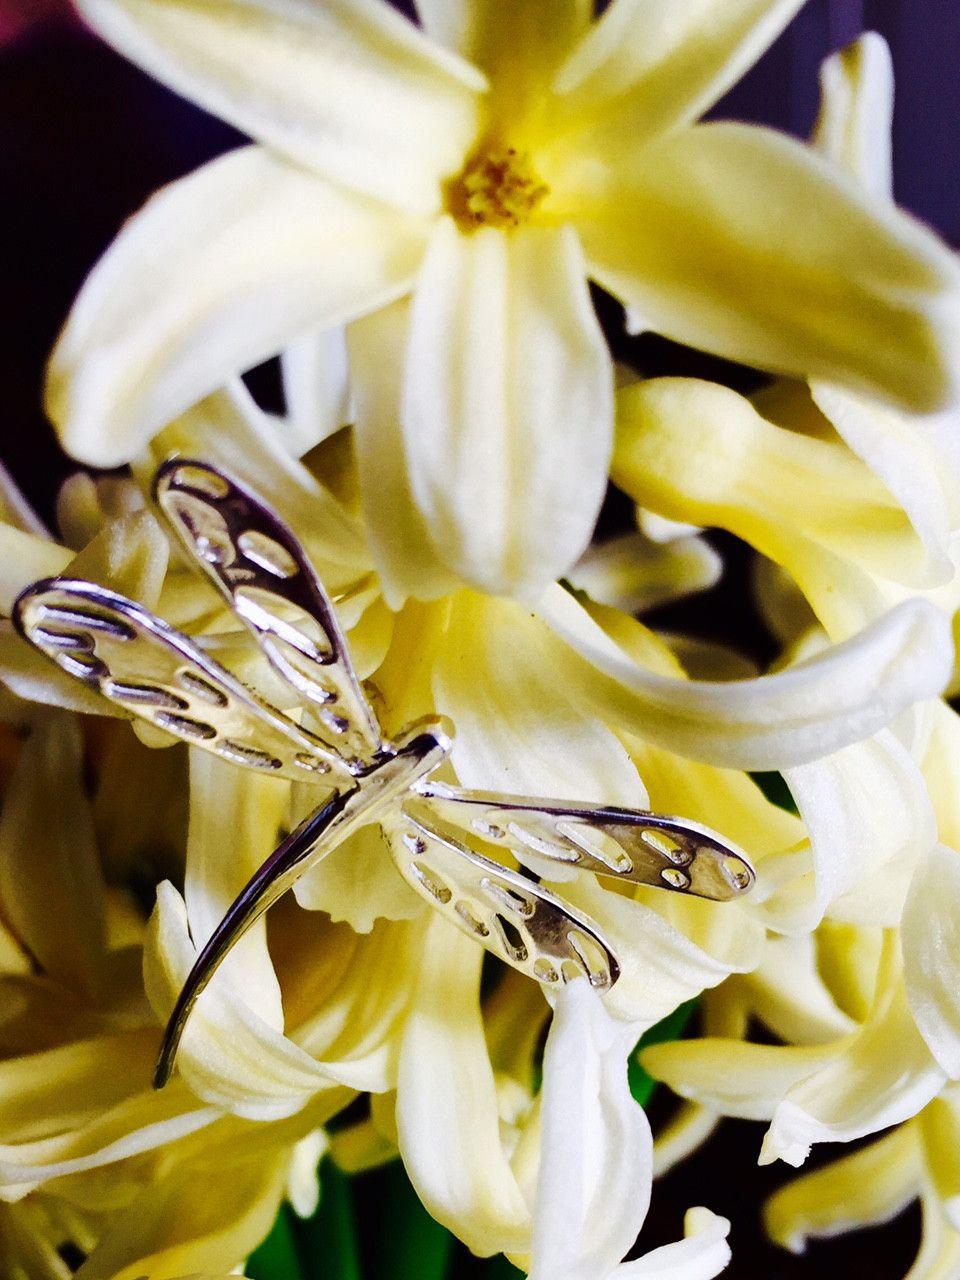 Ha nacido una joyería con vocación medioambiental!  Gargantilla de plata Caballito del diablo sobre flores